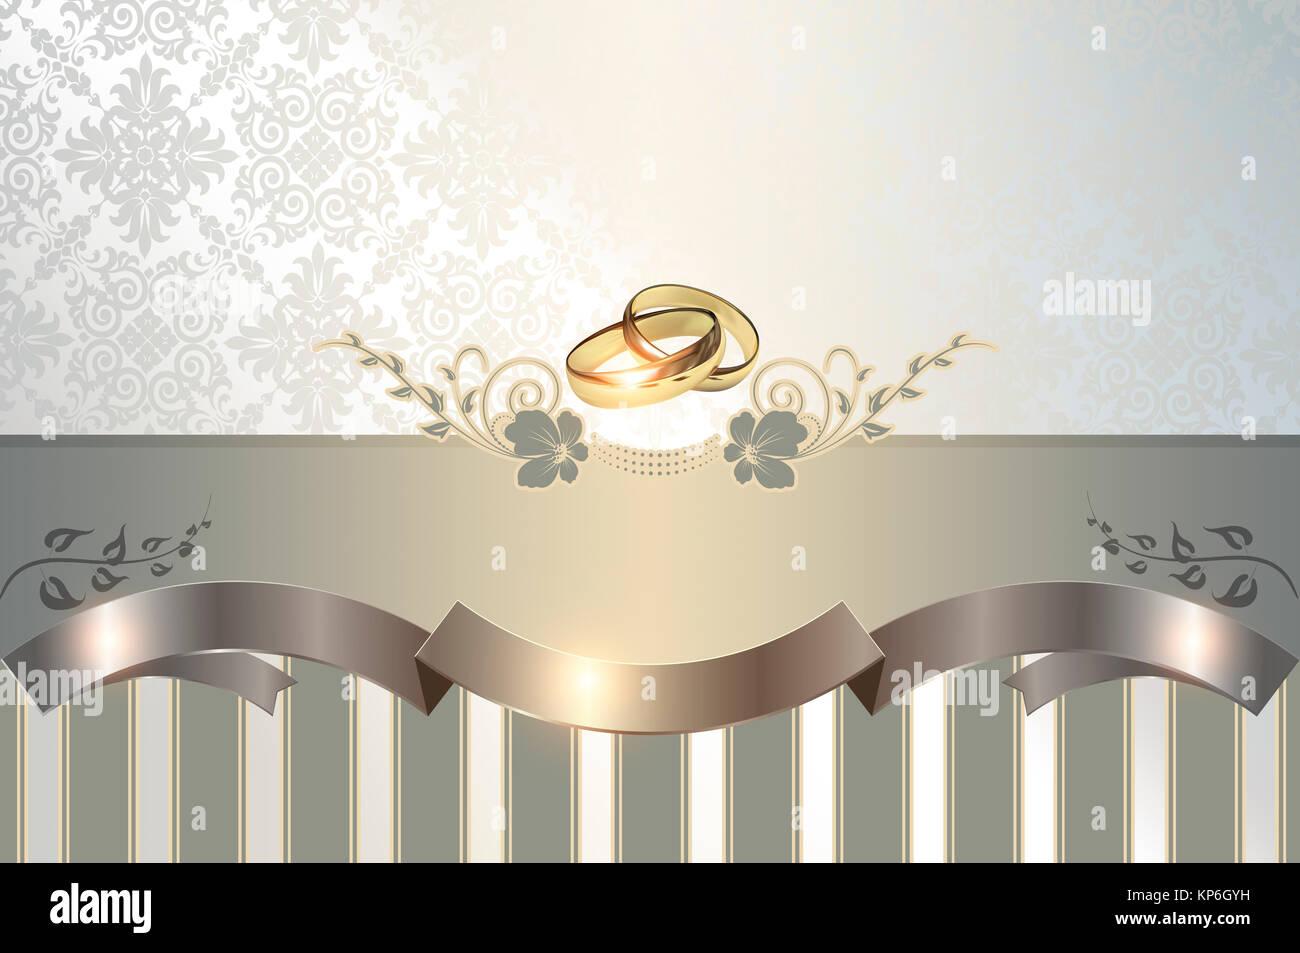 Fondo Decorativo Con Anillos De Oro Blanco Y Estampados